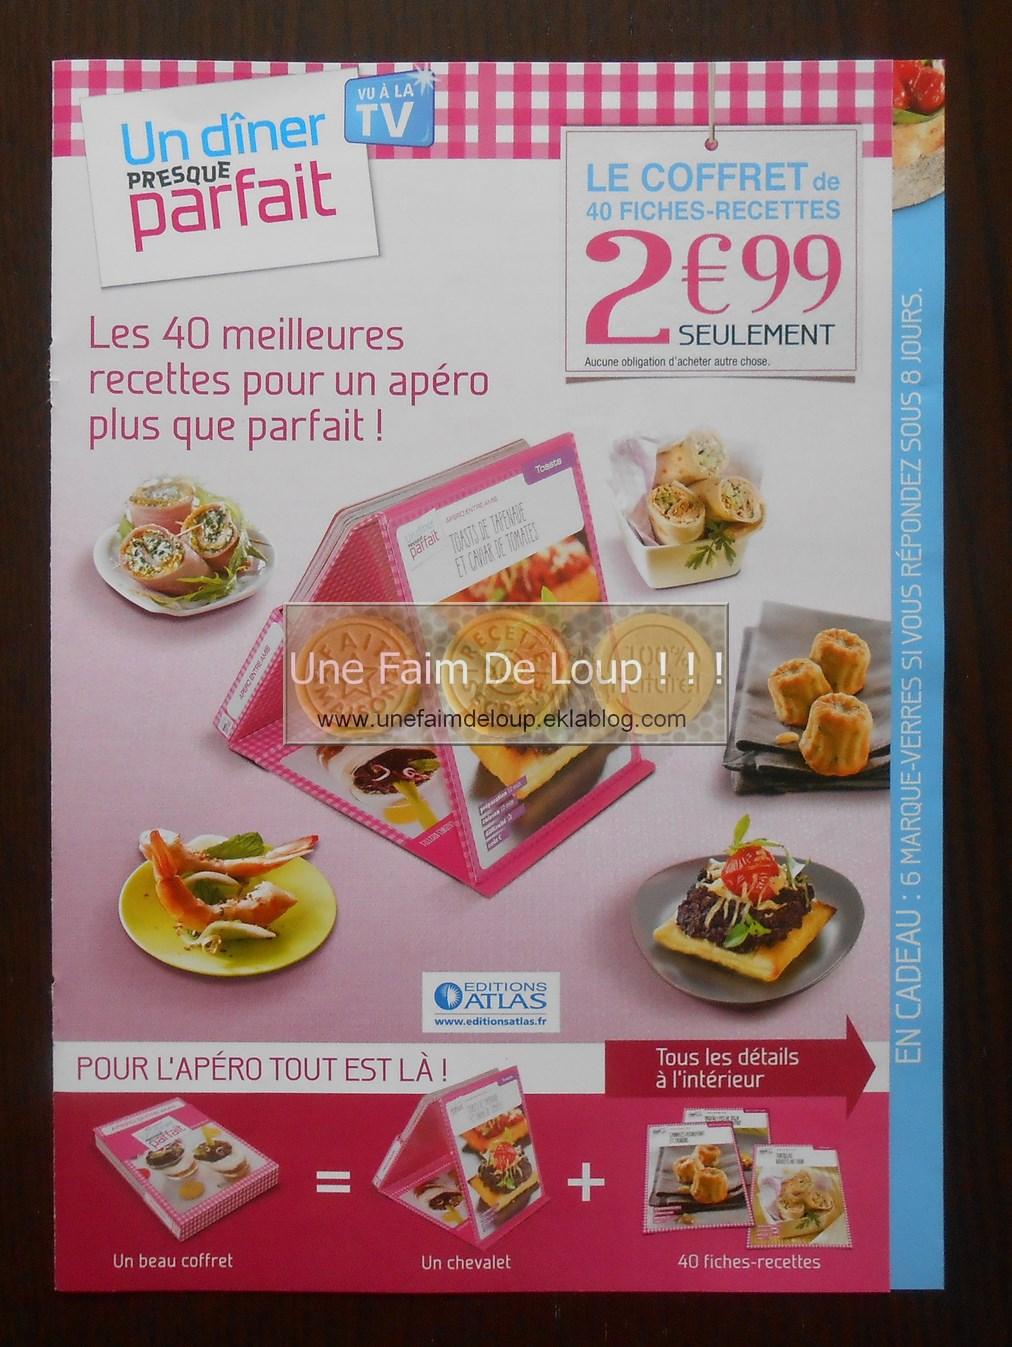 Un Diner Presque Parfait Recette : diner, presque, parfait, recette, Collection, Coffret, Fiches, Recettes, Diner, Presque, Parfait